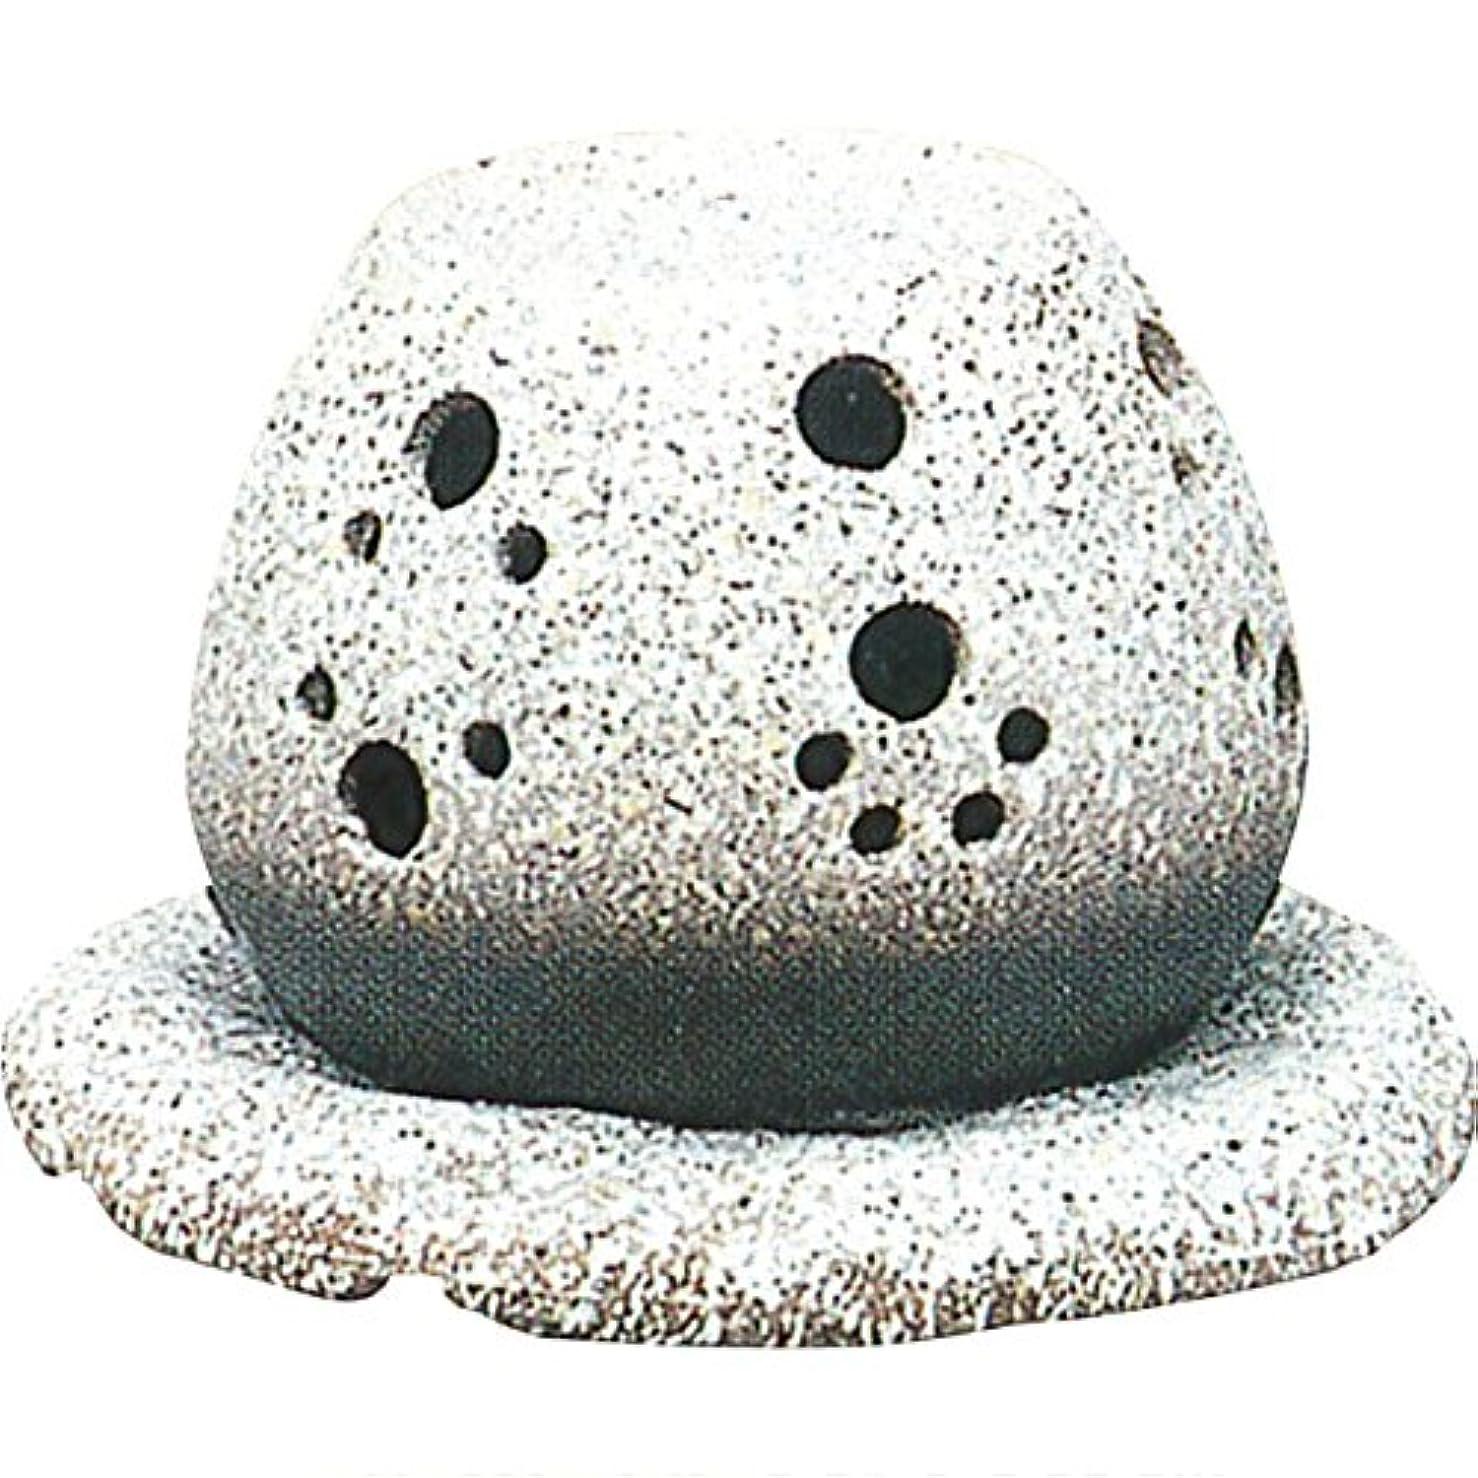 服ありがたい運動する茶香炉 : 常滑焼 山房窯 ロウソクタイプ茶香炉 (白皿付?ロウソク1ヶ付)?ル35-05